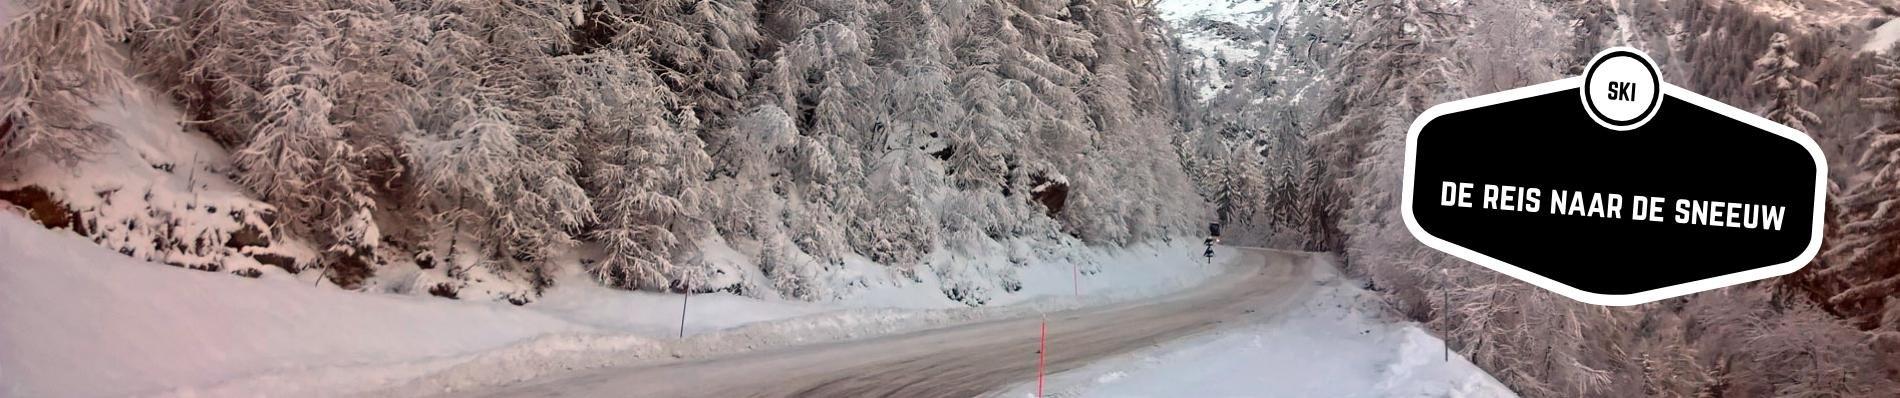 foto anne marmottan sainte foy eis naar sneeuw